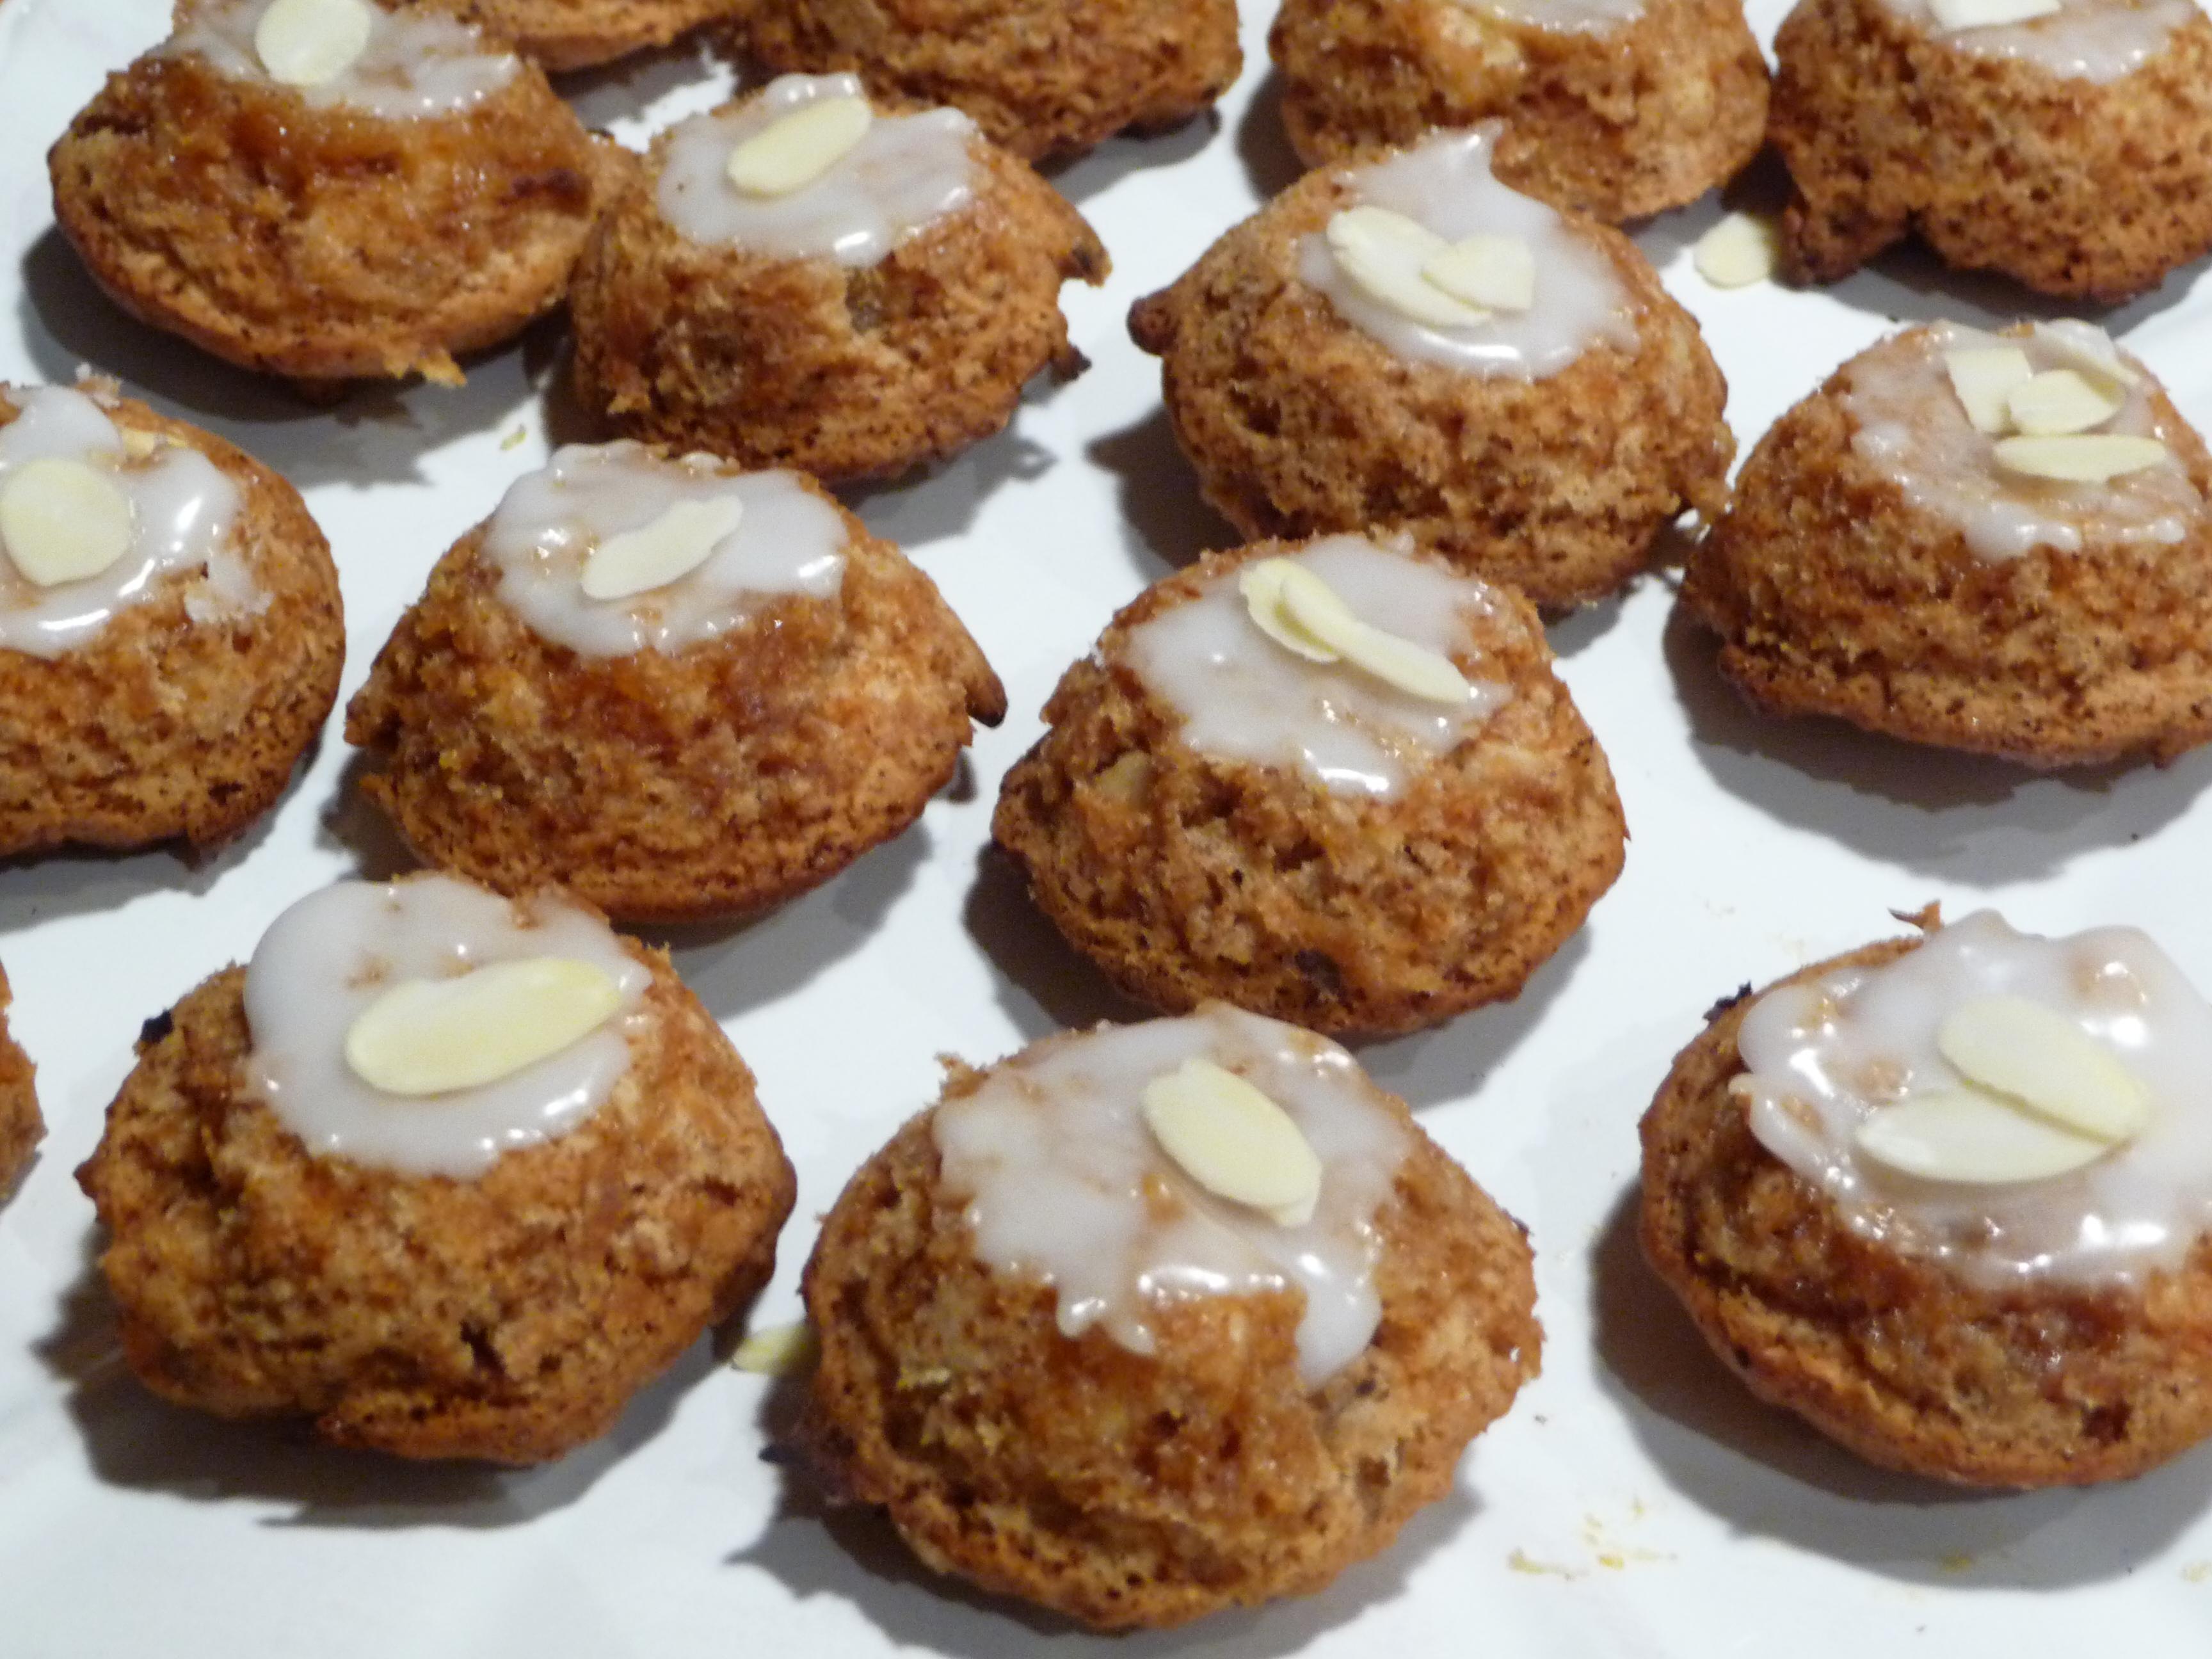 Encore un avant gout de Noël : leckerli, gâteau suisse aux épices, miel et amandes dans 5.Gourmandises sucrées p1010247